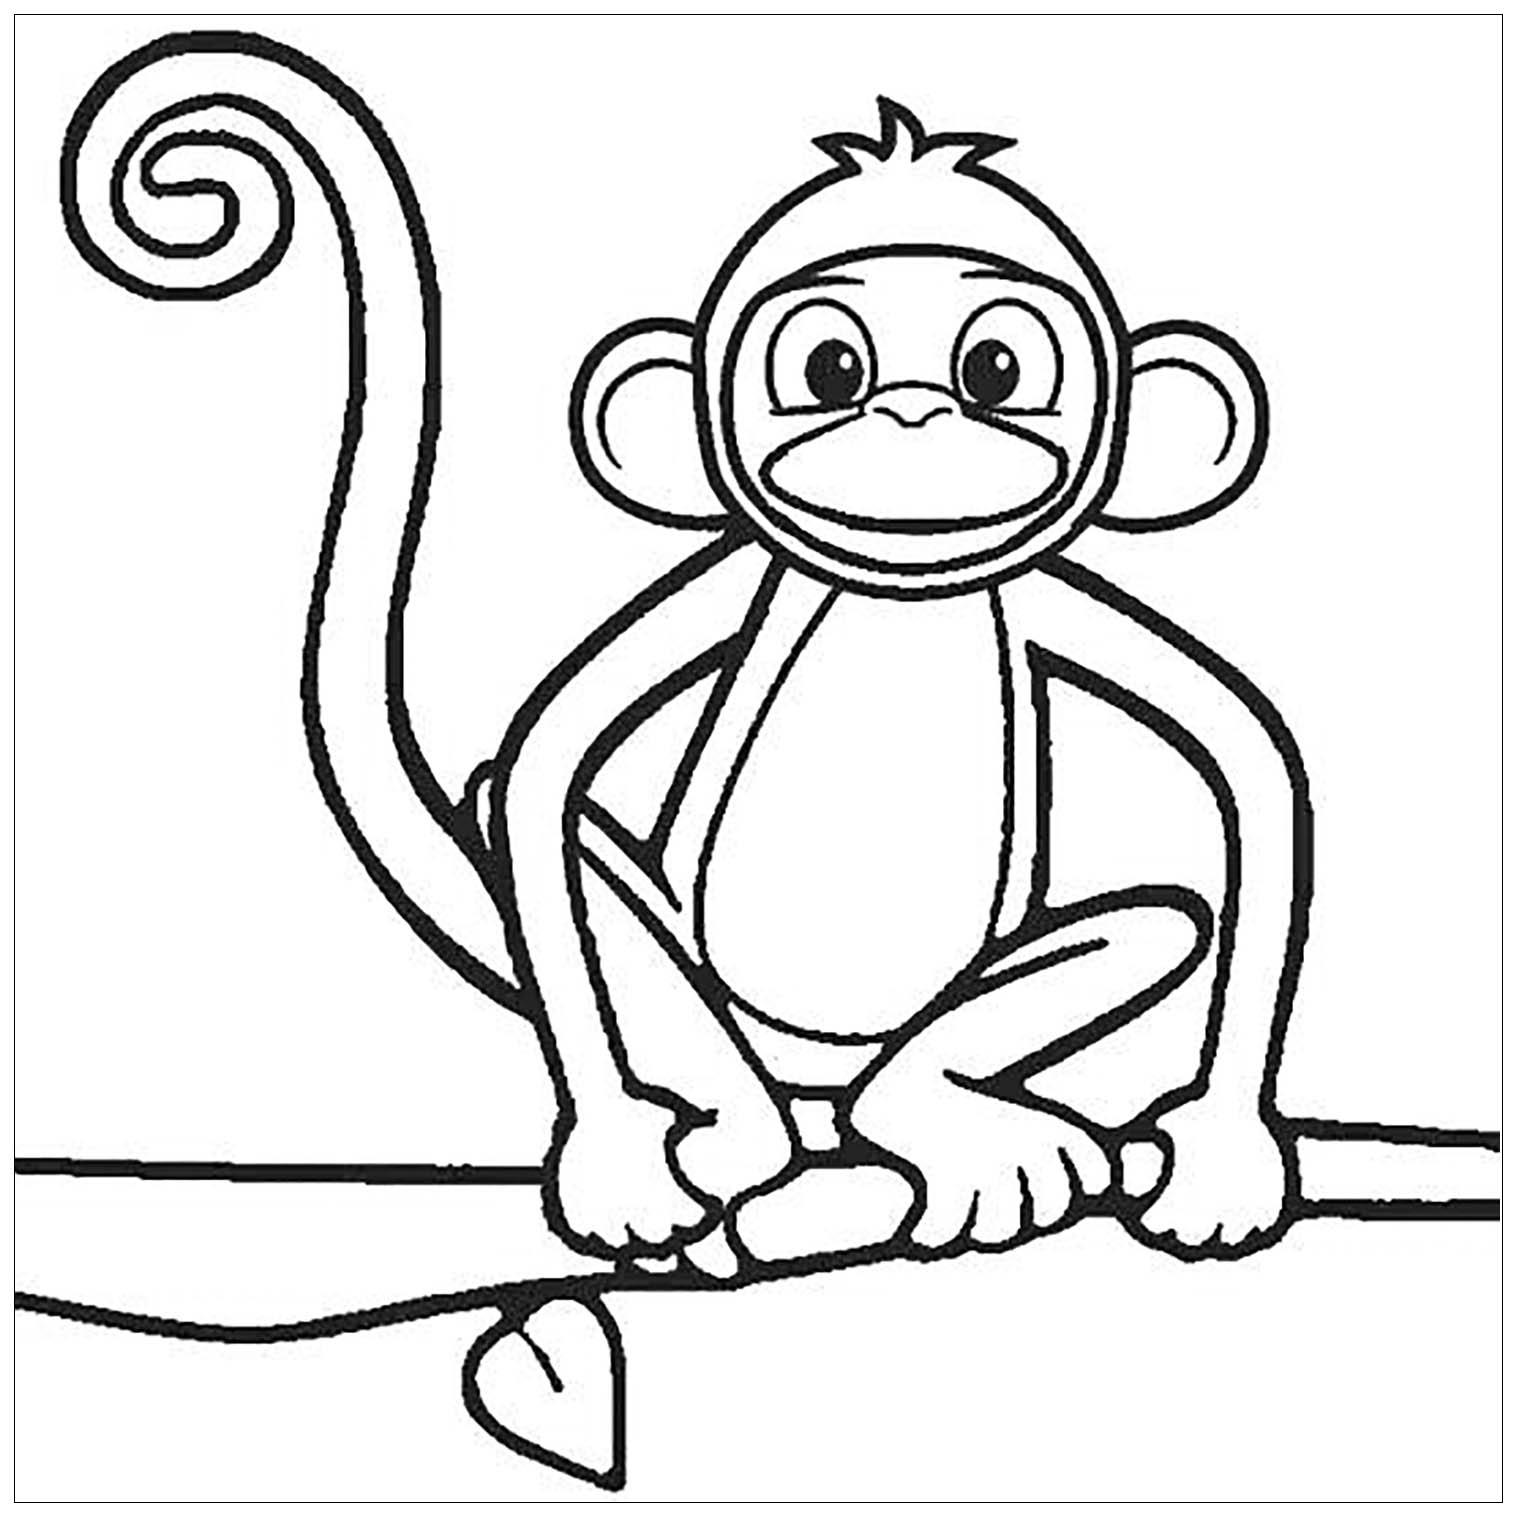 Tranh tô màu con khỉ đẹp nhất